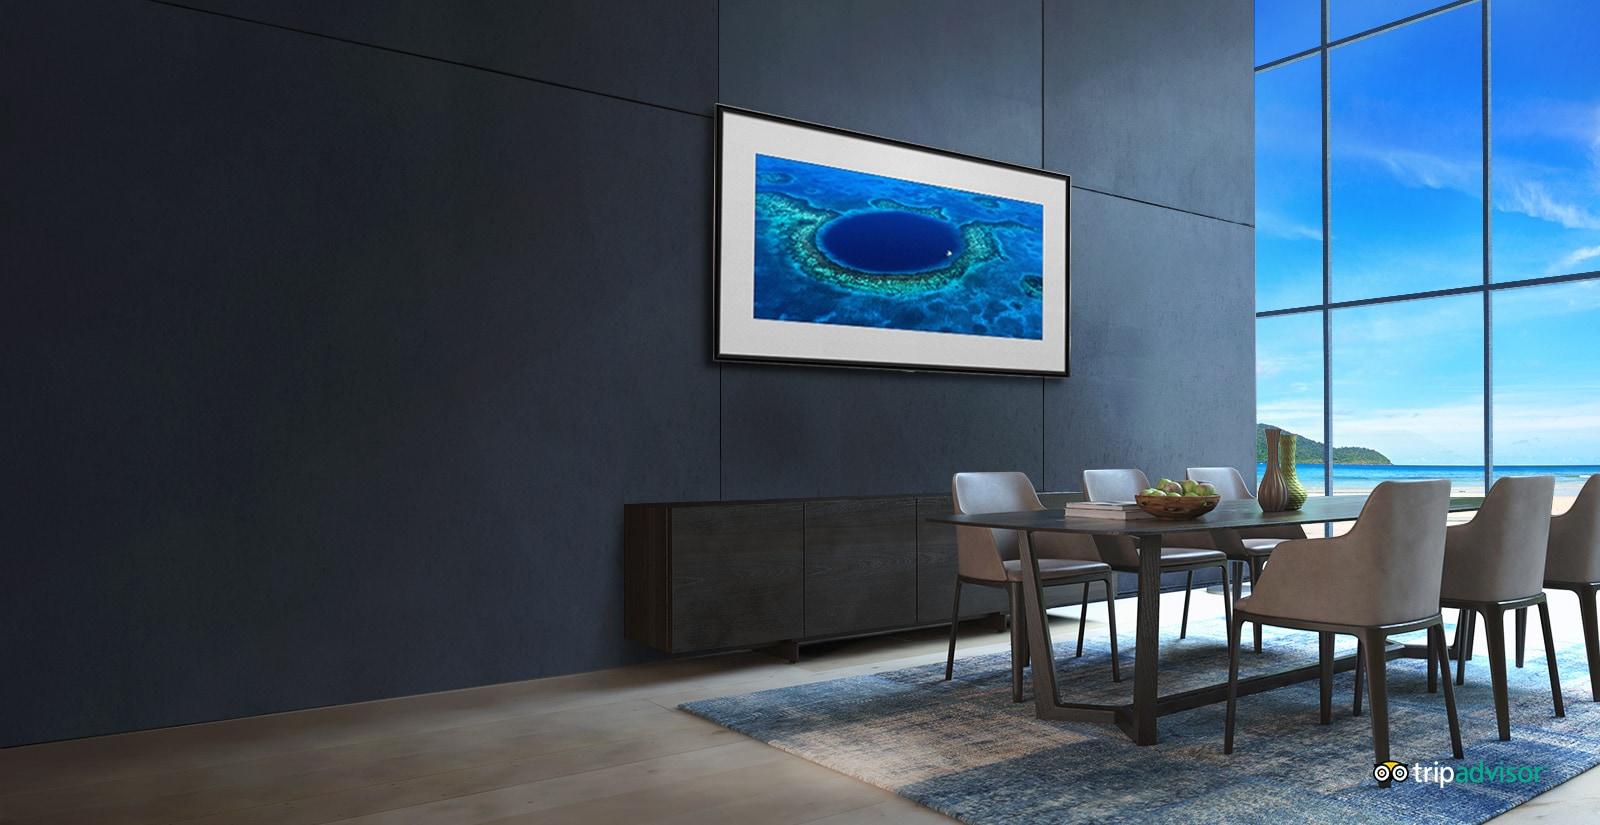 โหมดแกลเลอรี OLED TV